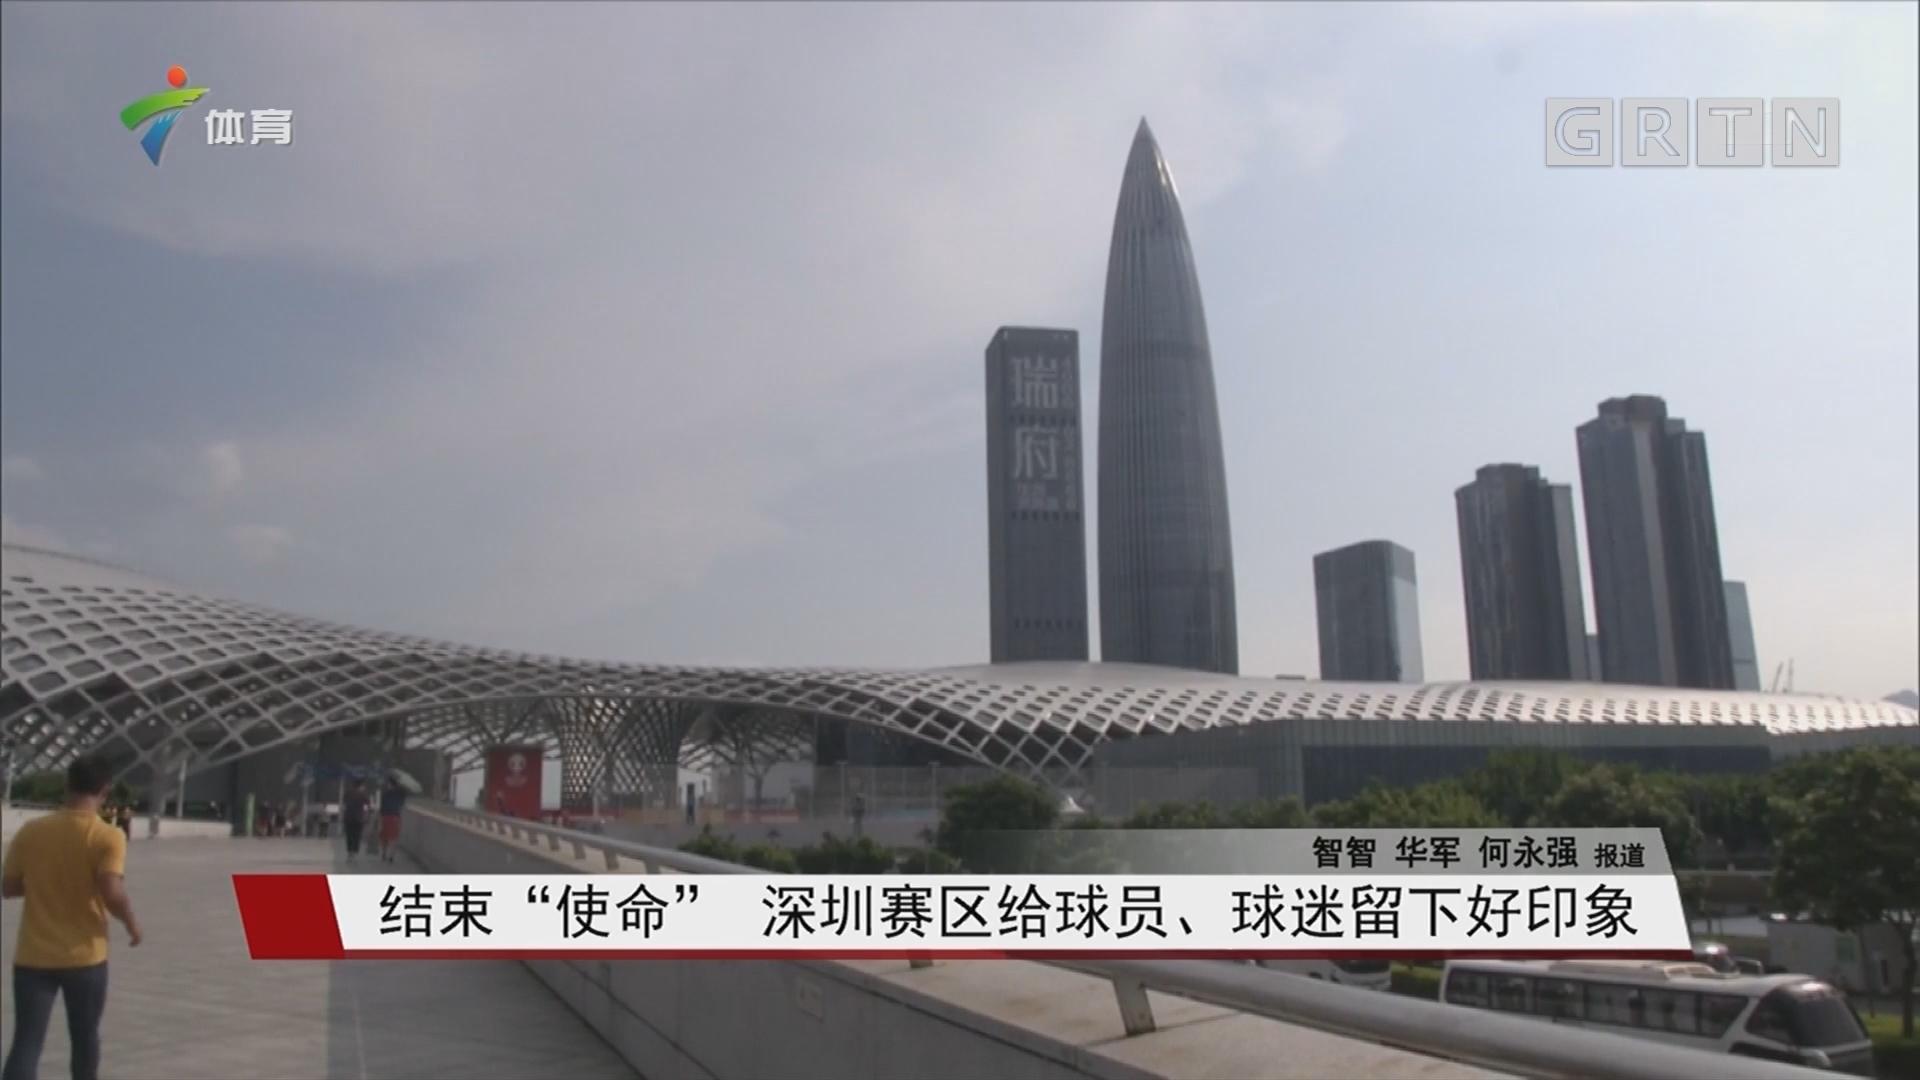 """结束""""使命"""" 深圳赛区给球员、球迷留下好印象"""